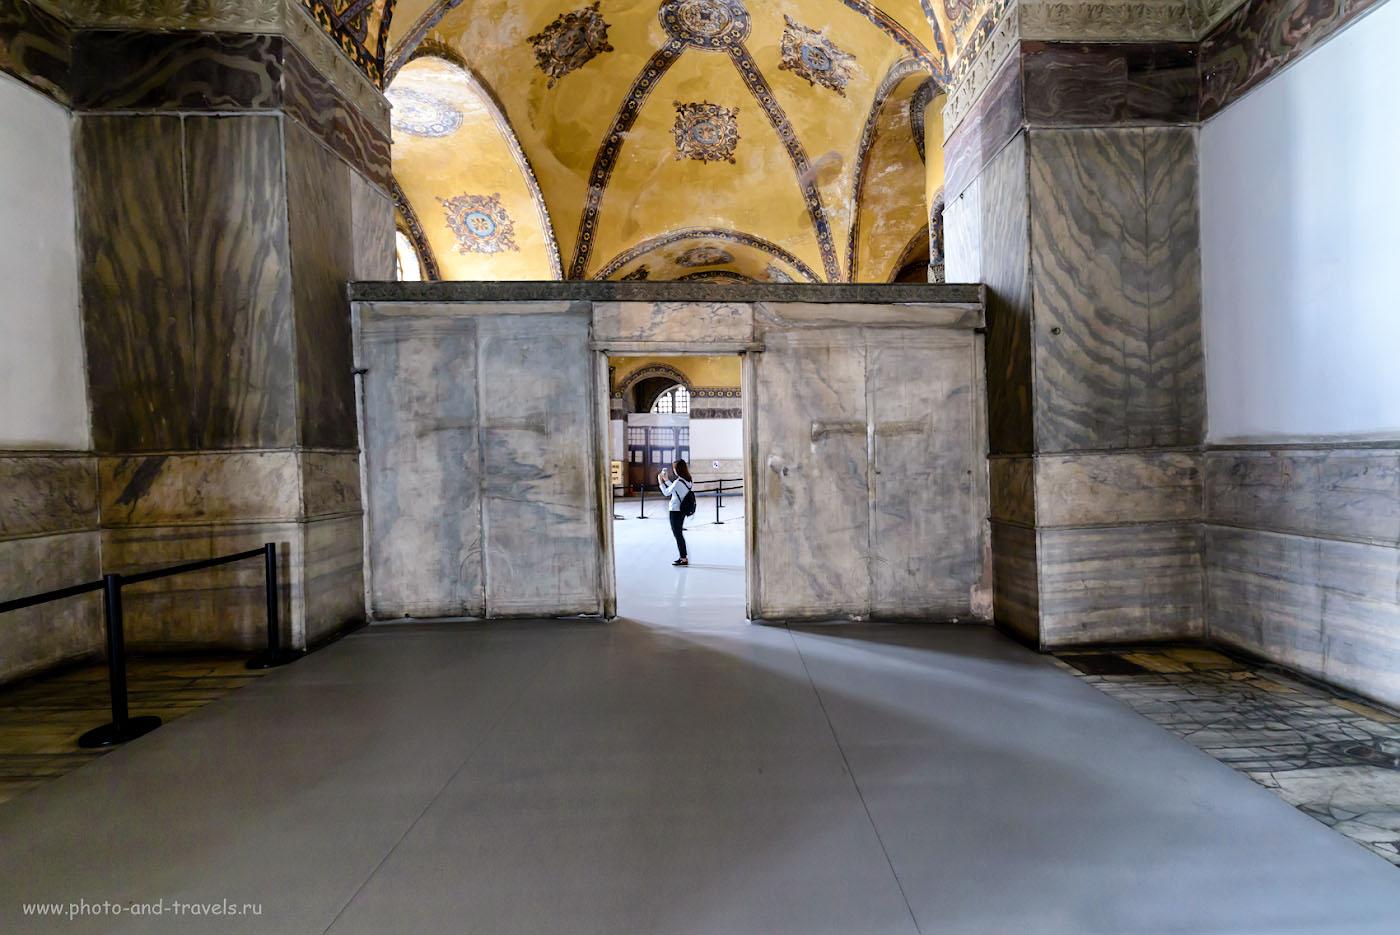 Фото 31. Мраморные ворота в Айя-Софии. 1/20, 5.6, 3200, 14.